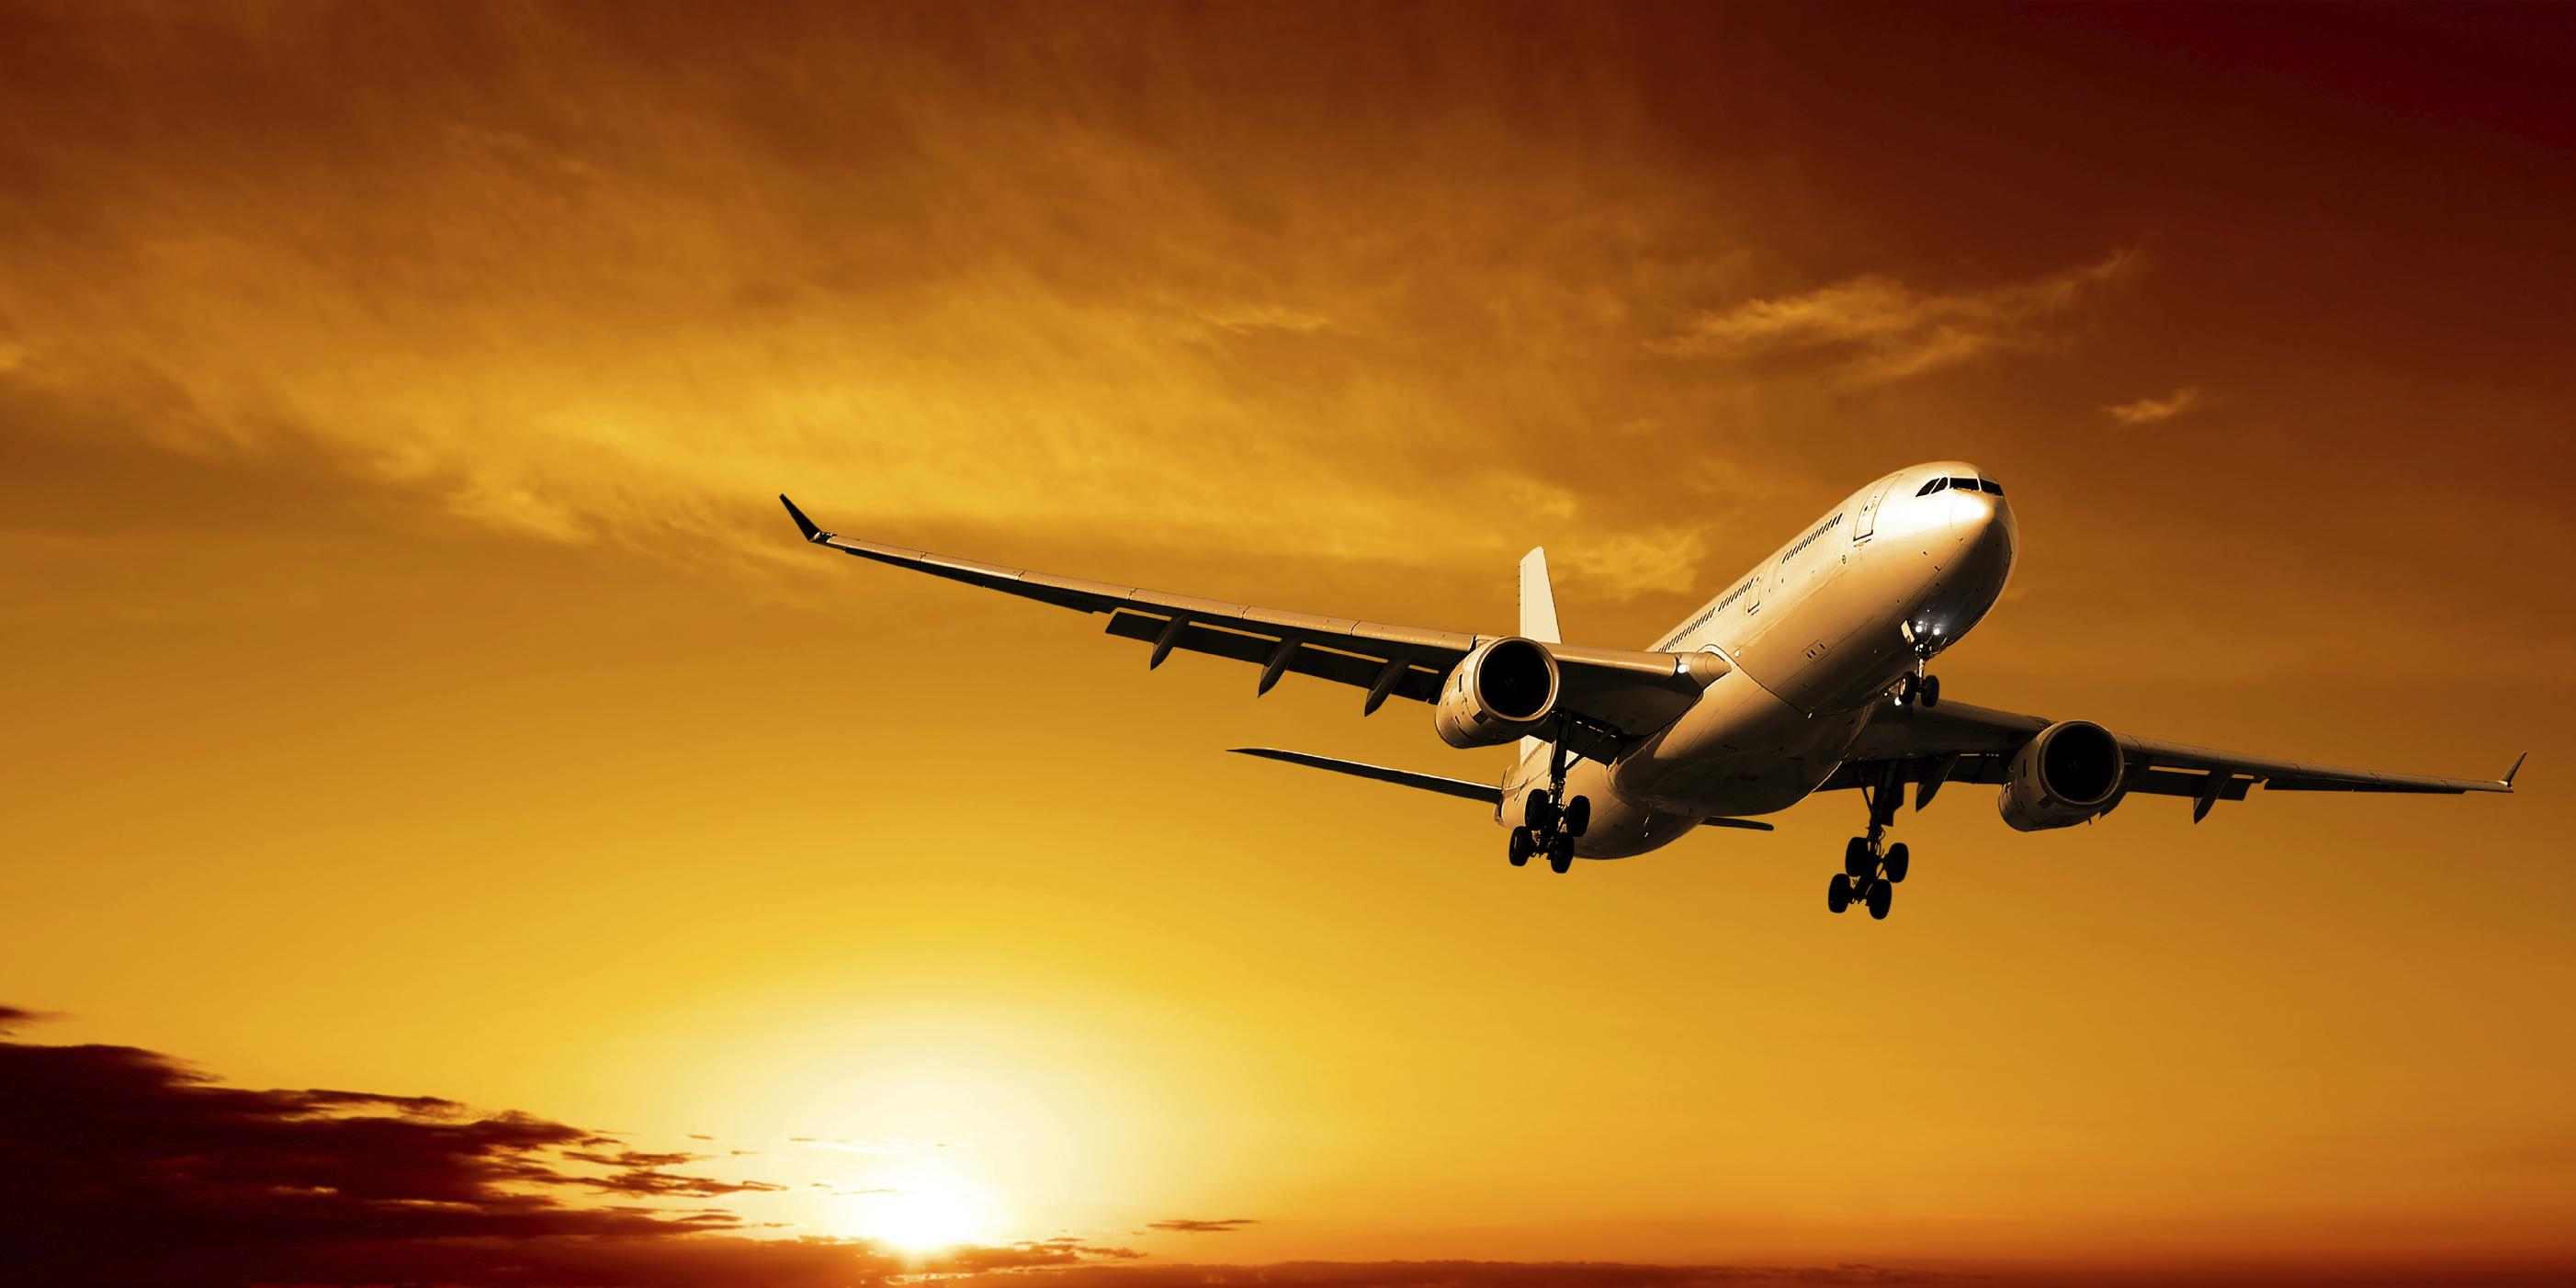 شرکتهای ایرانی تا هشت سال آینده به 500 فرود هواپیمای نو نیاز دارند